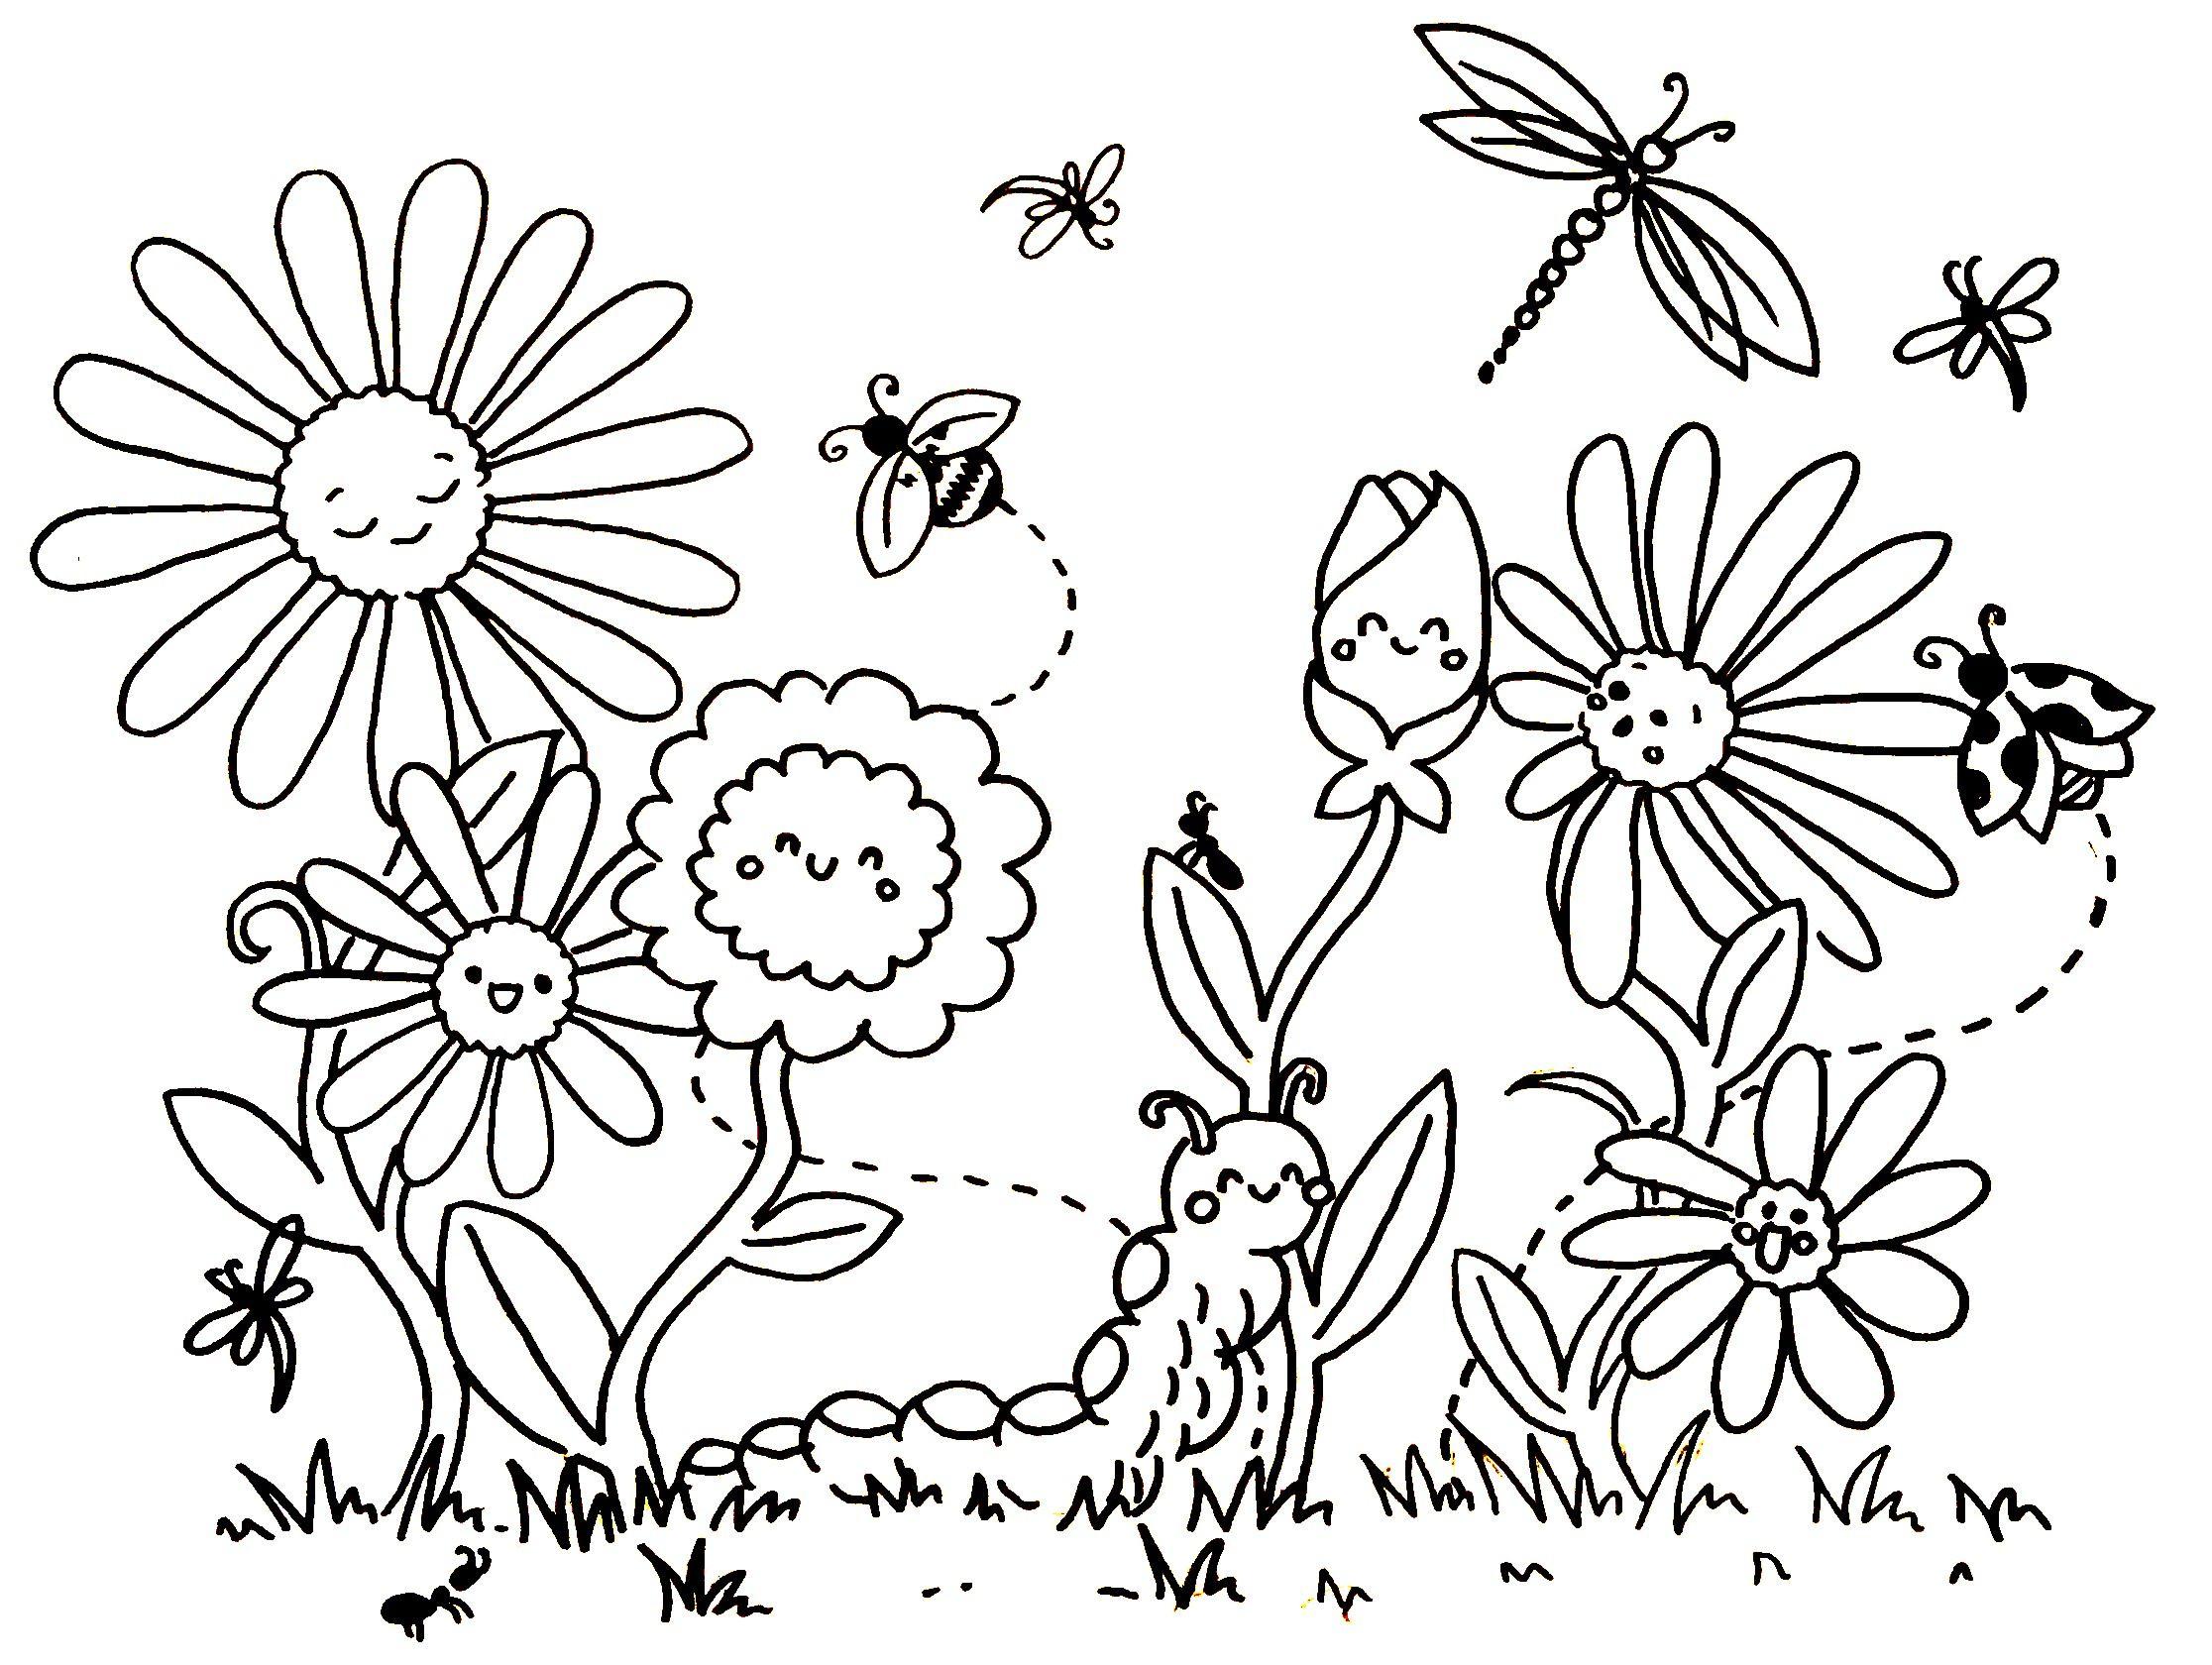 Blumen Malvorlage (Mit Bildern) | Blumen Ausmalen ganzes Ausmalbilder Frühling Kostenlos